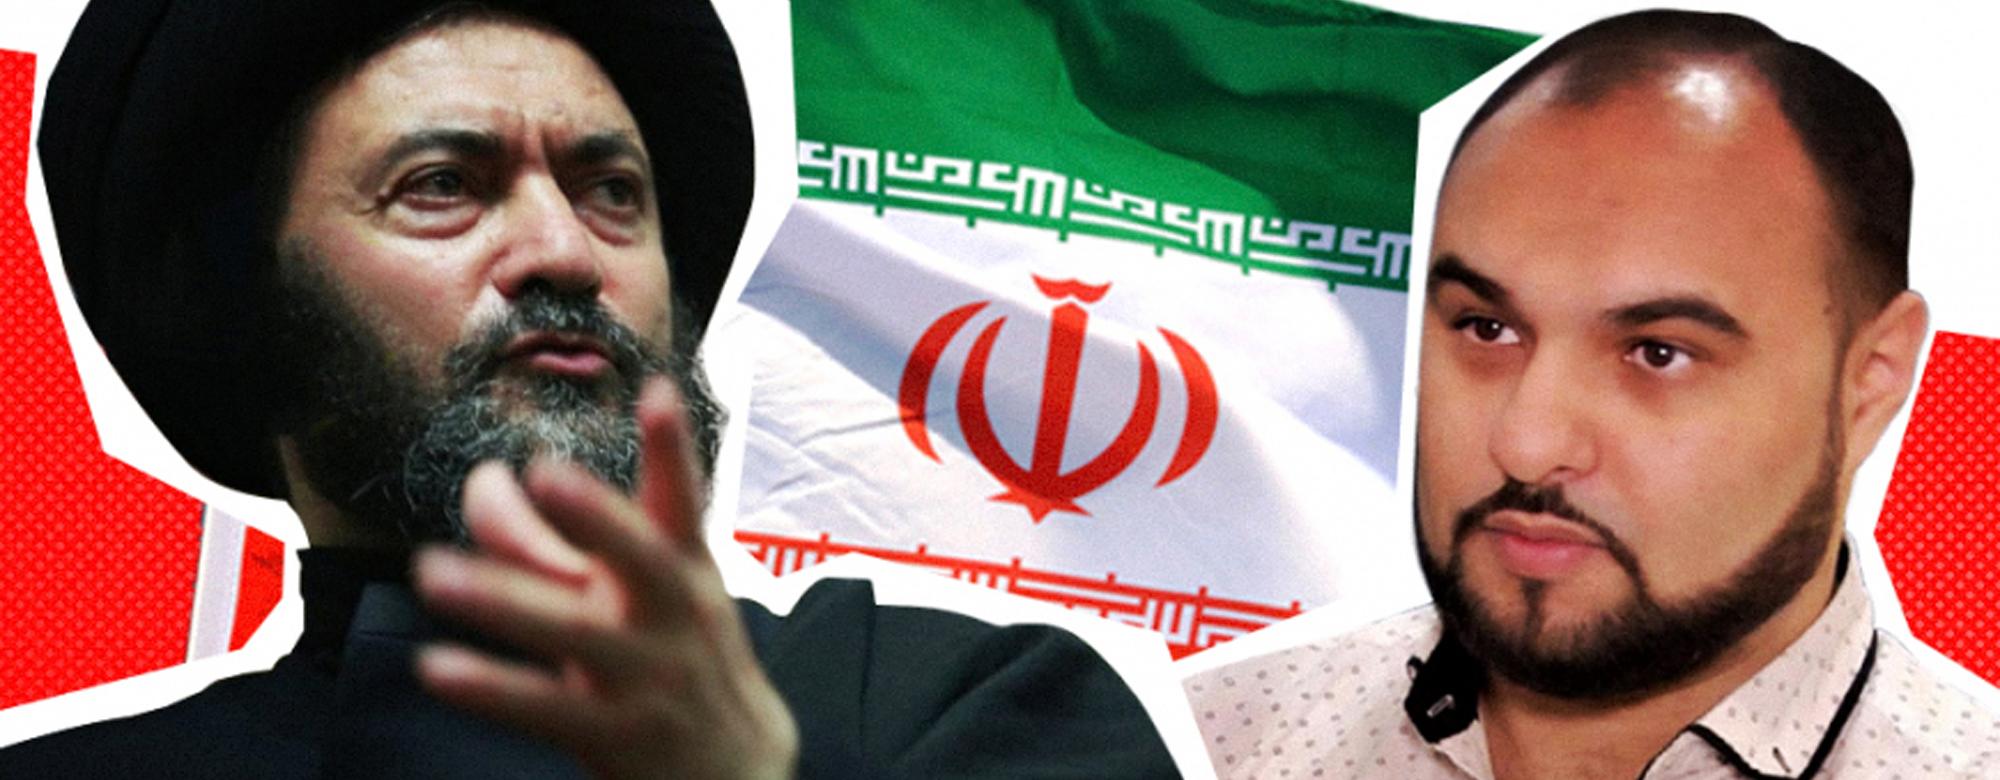 Представитель верховного лидера Ирана предсказал новые провокации в Карабахе